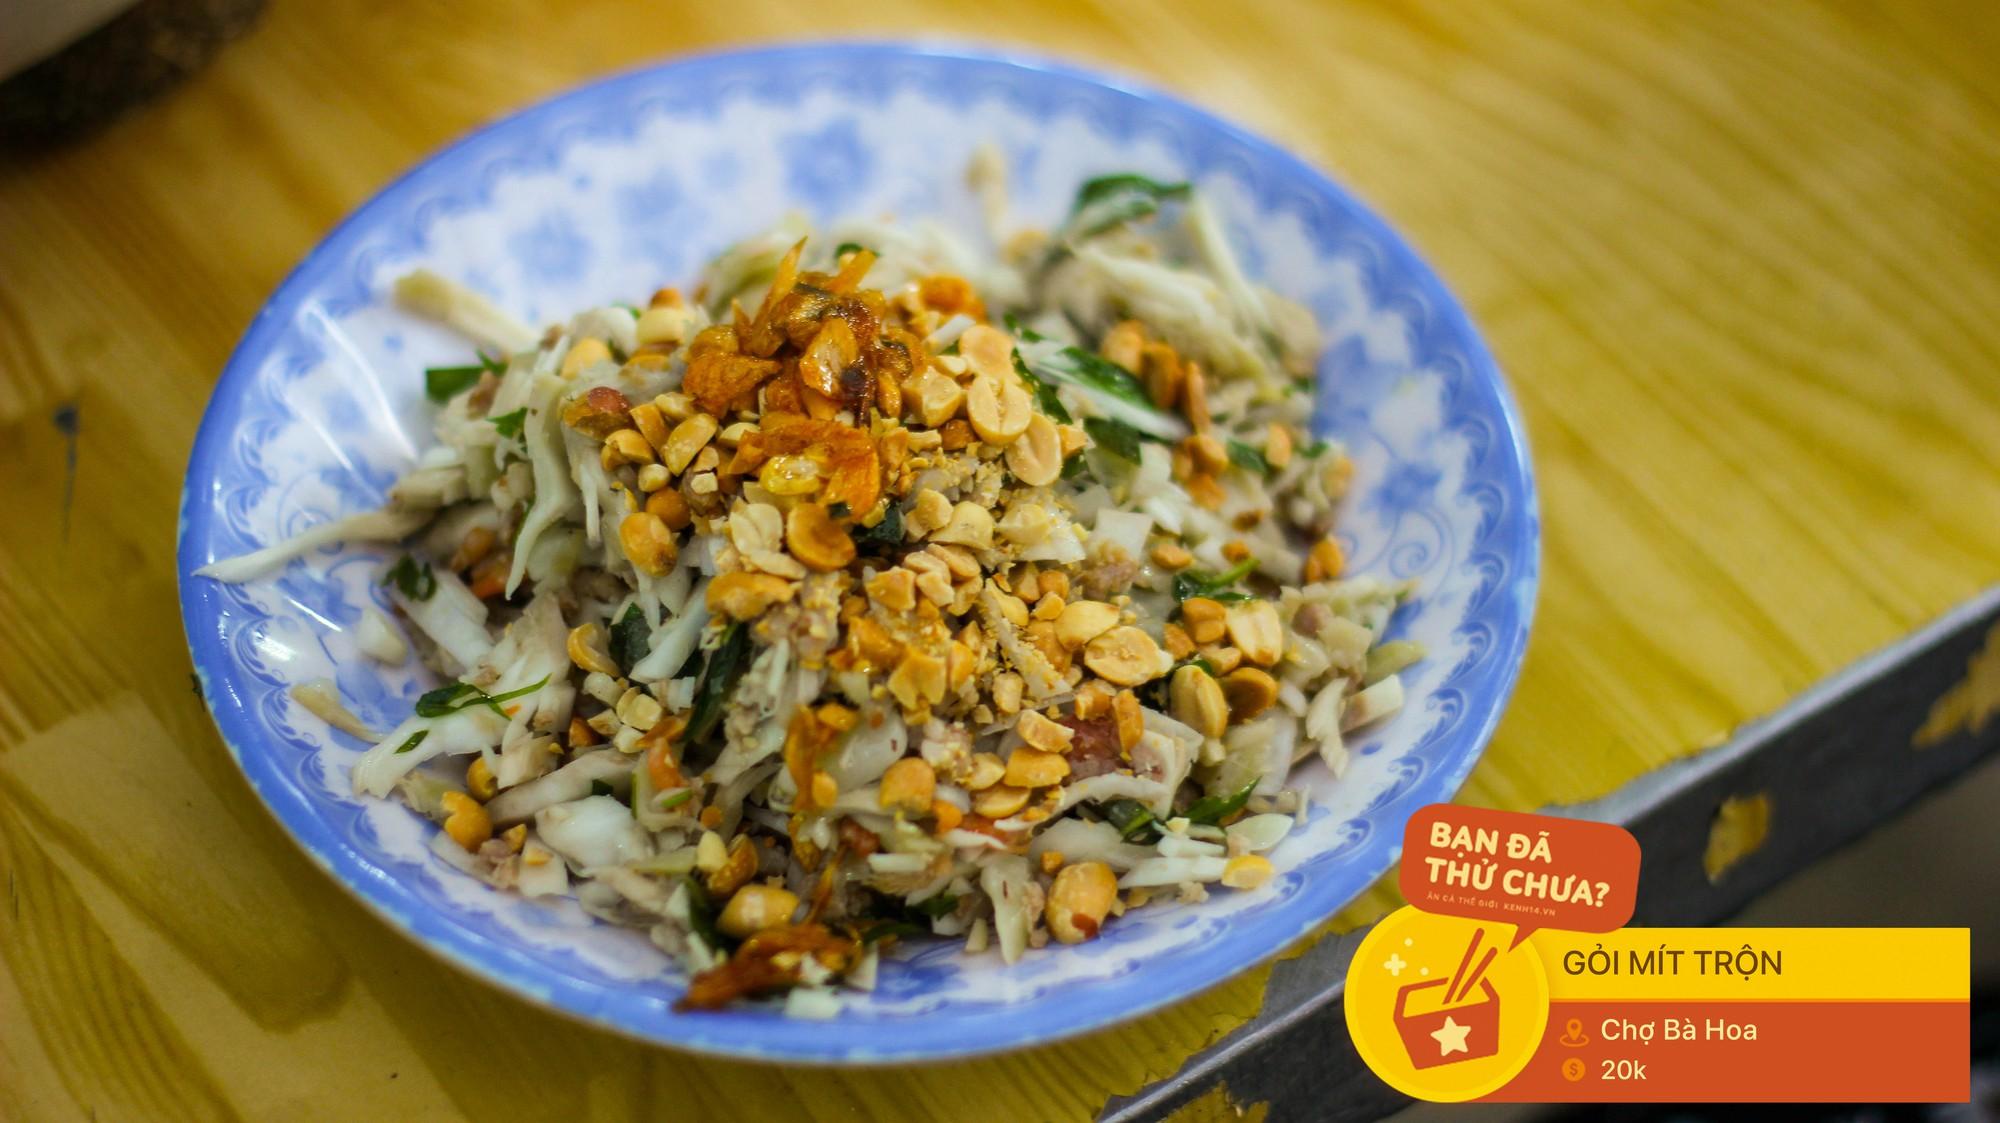 Những món ăn vặt miền Trung hiếm có khó tìm nhất định không thể bỏ lỡ khi đến chợ Bà Hoa - Ảnh 4.